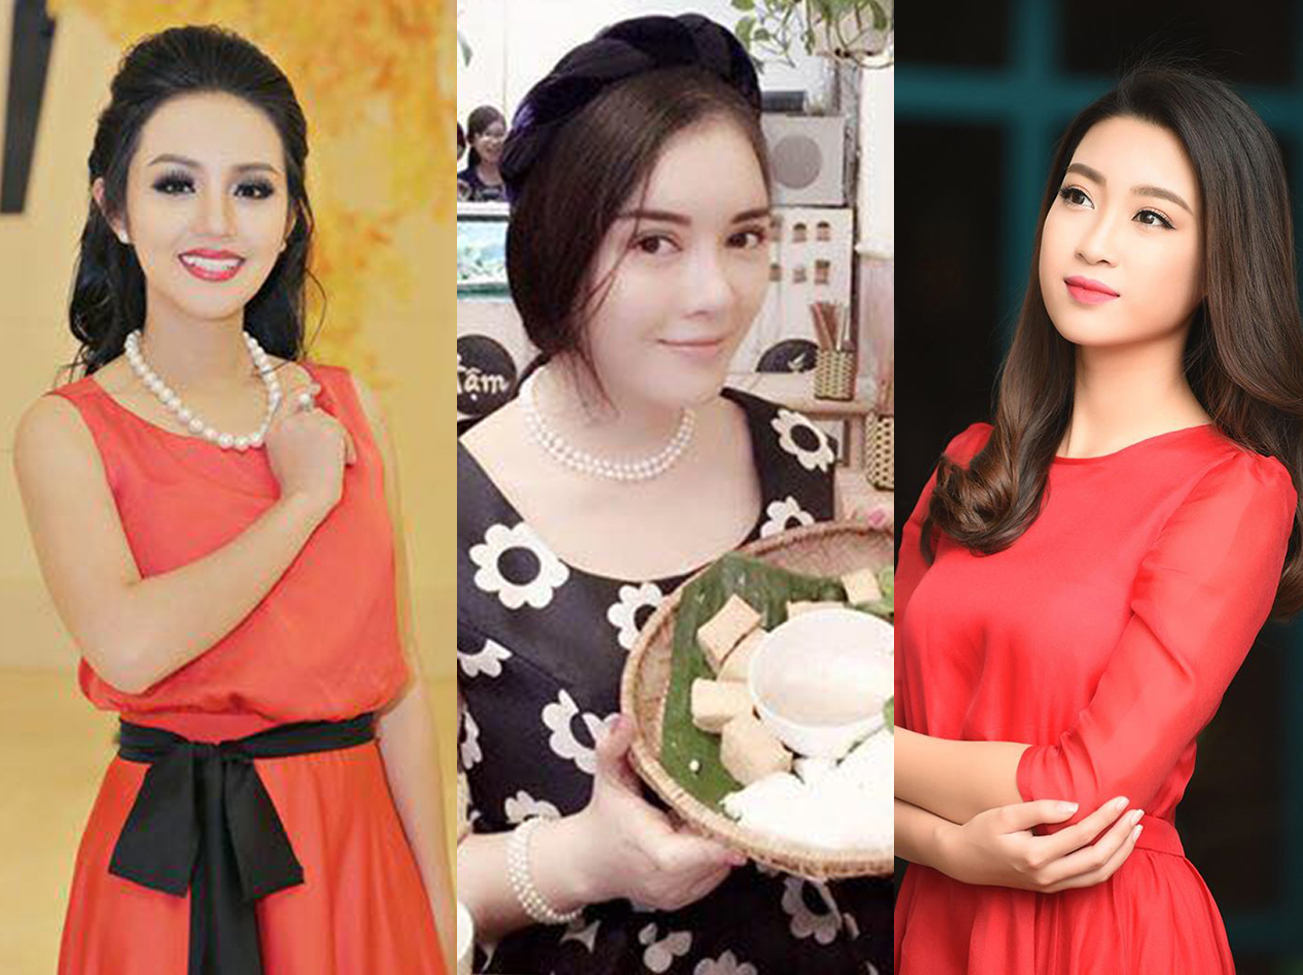 Ảnh đời thường qua Facebook của Sao Việt ngày 30/7